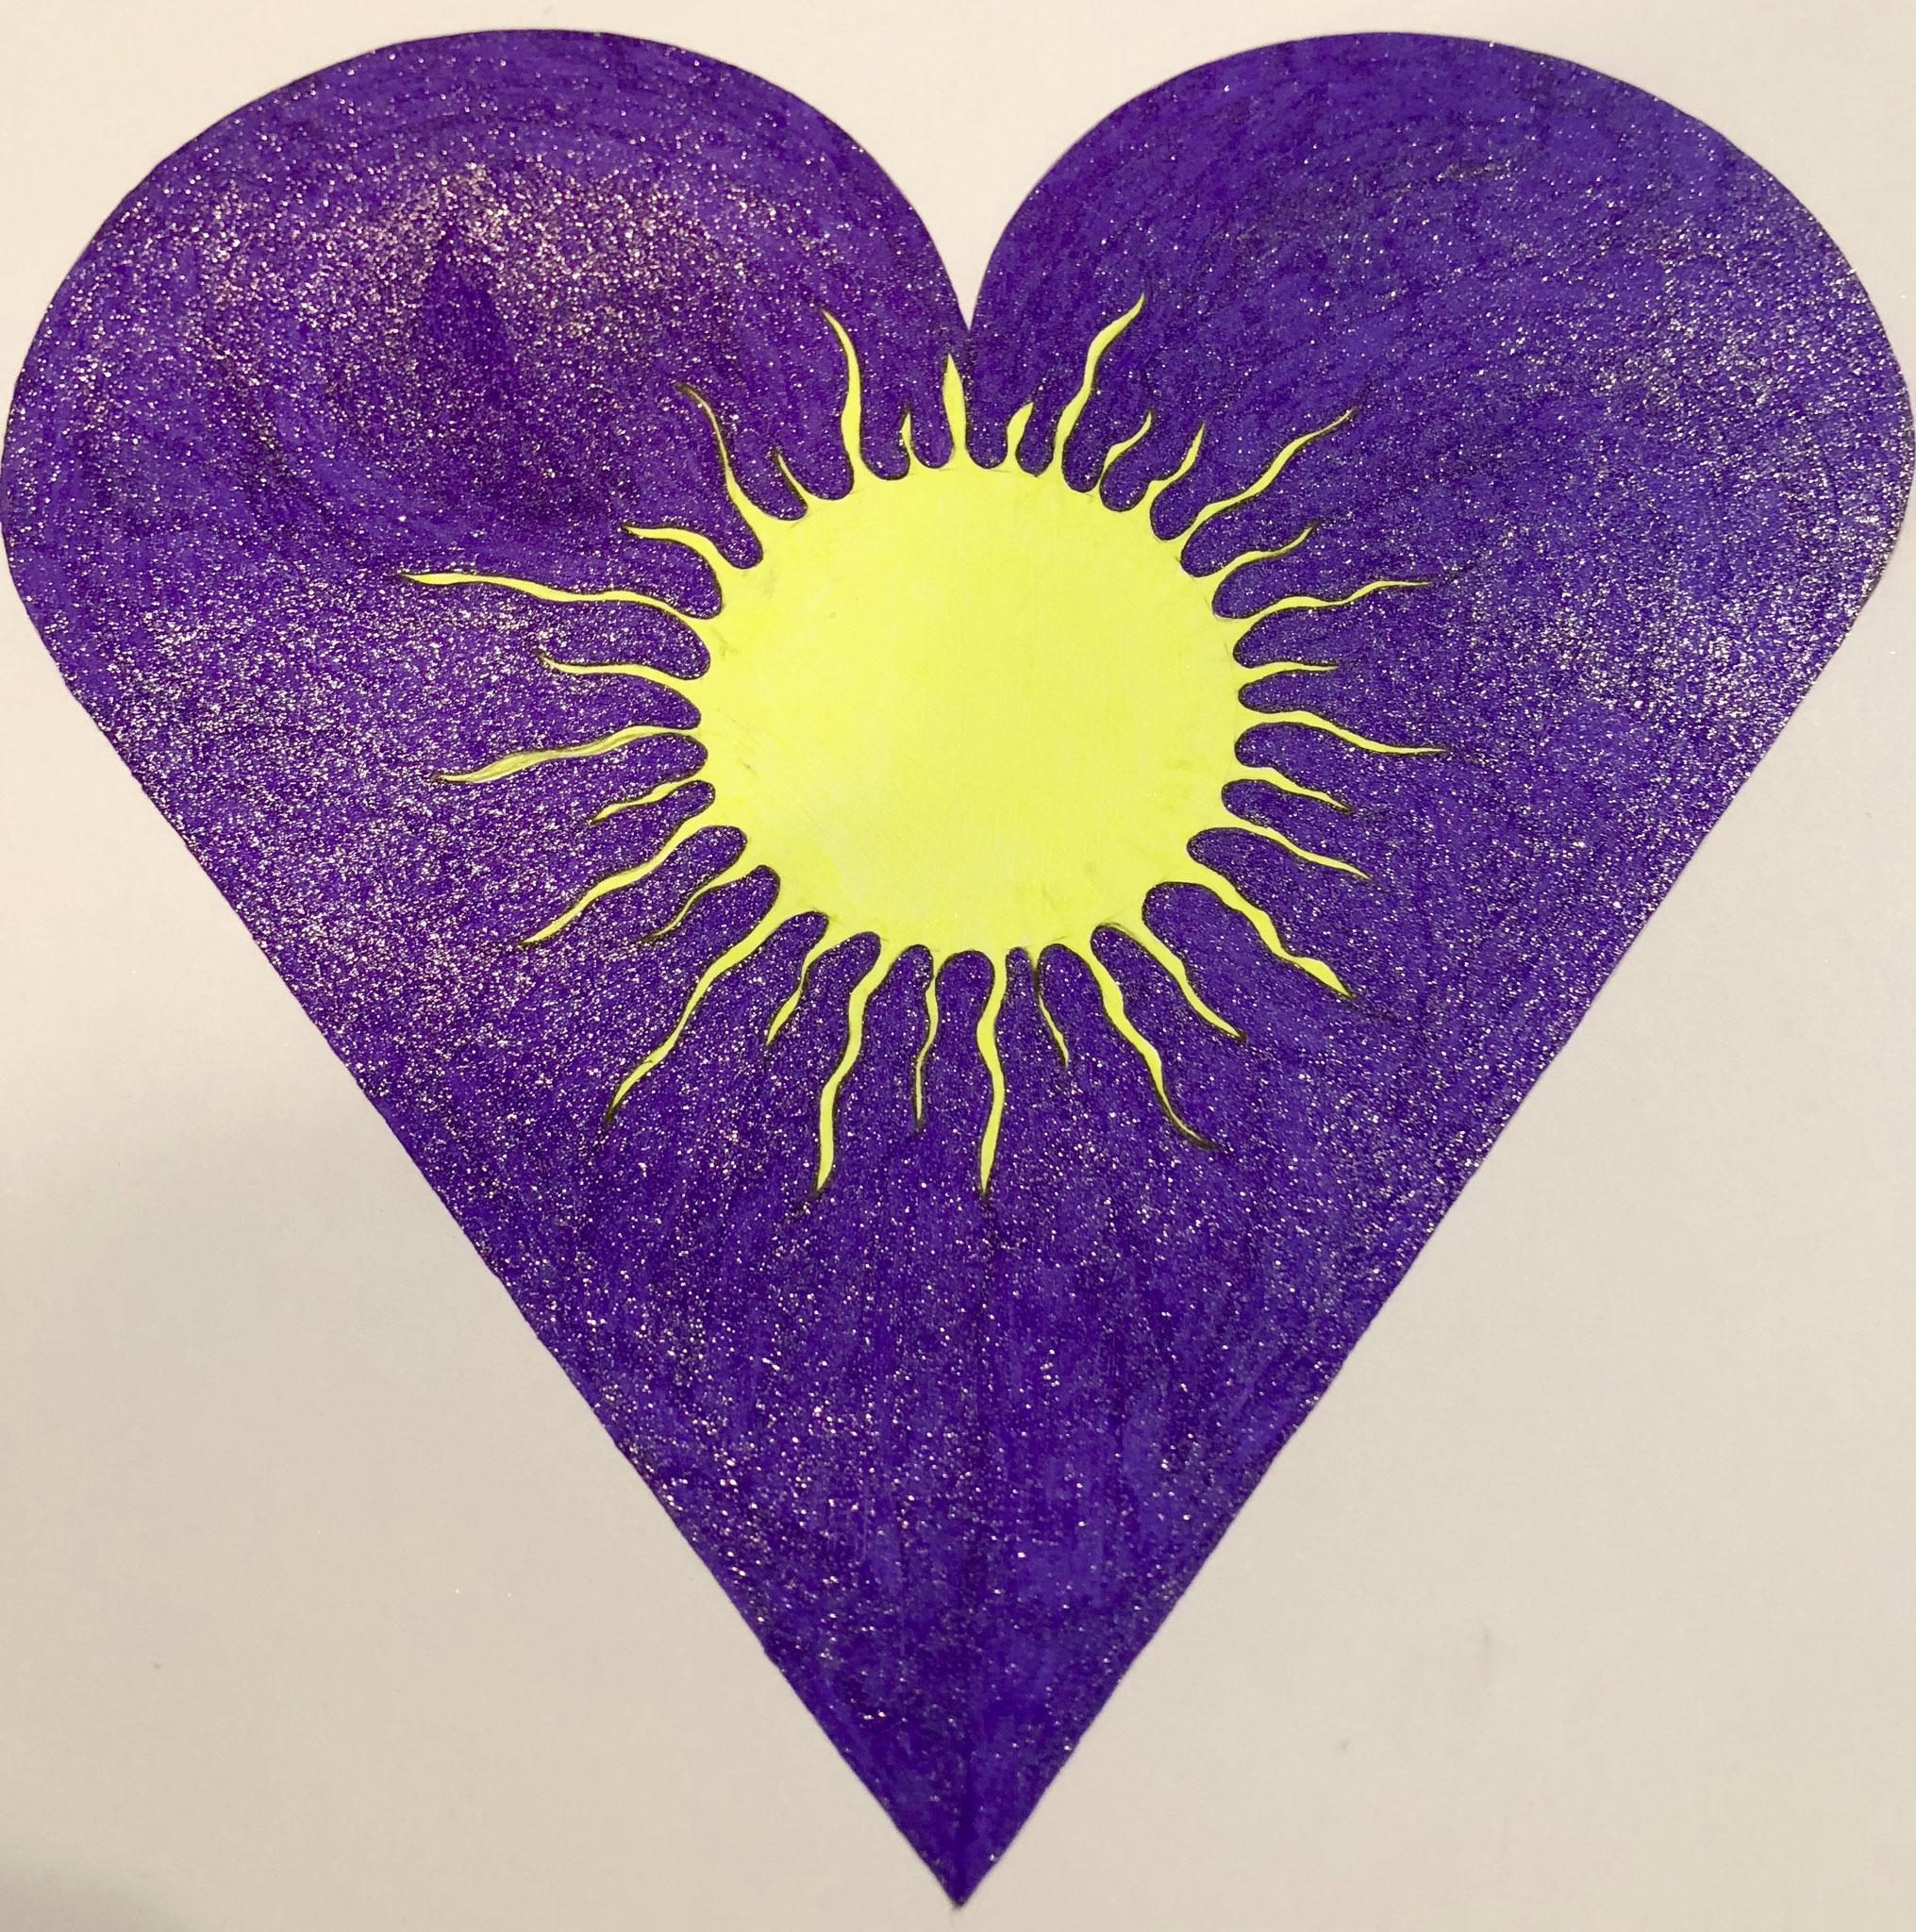 GRACE  #grace #letspaintpeace #heart #love #sacredgeometry #shininggrace #kashmirshaivism